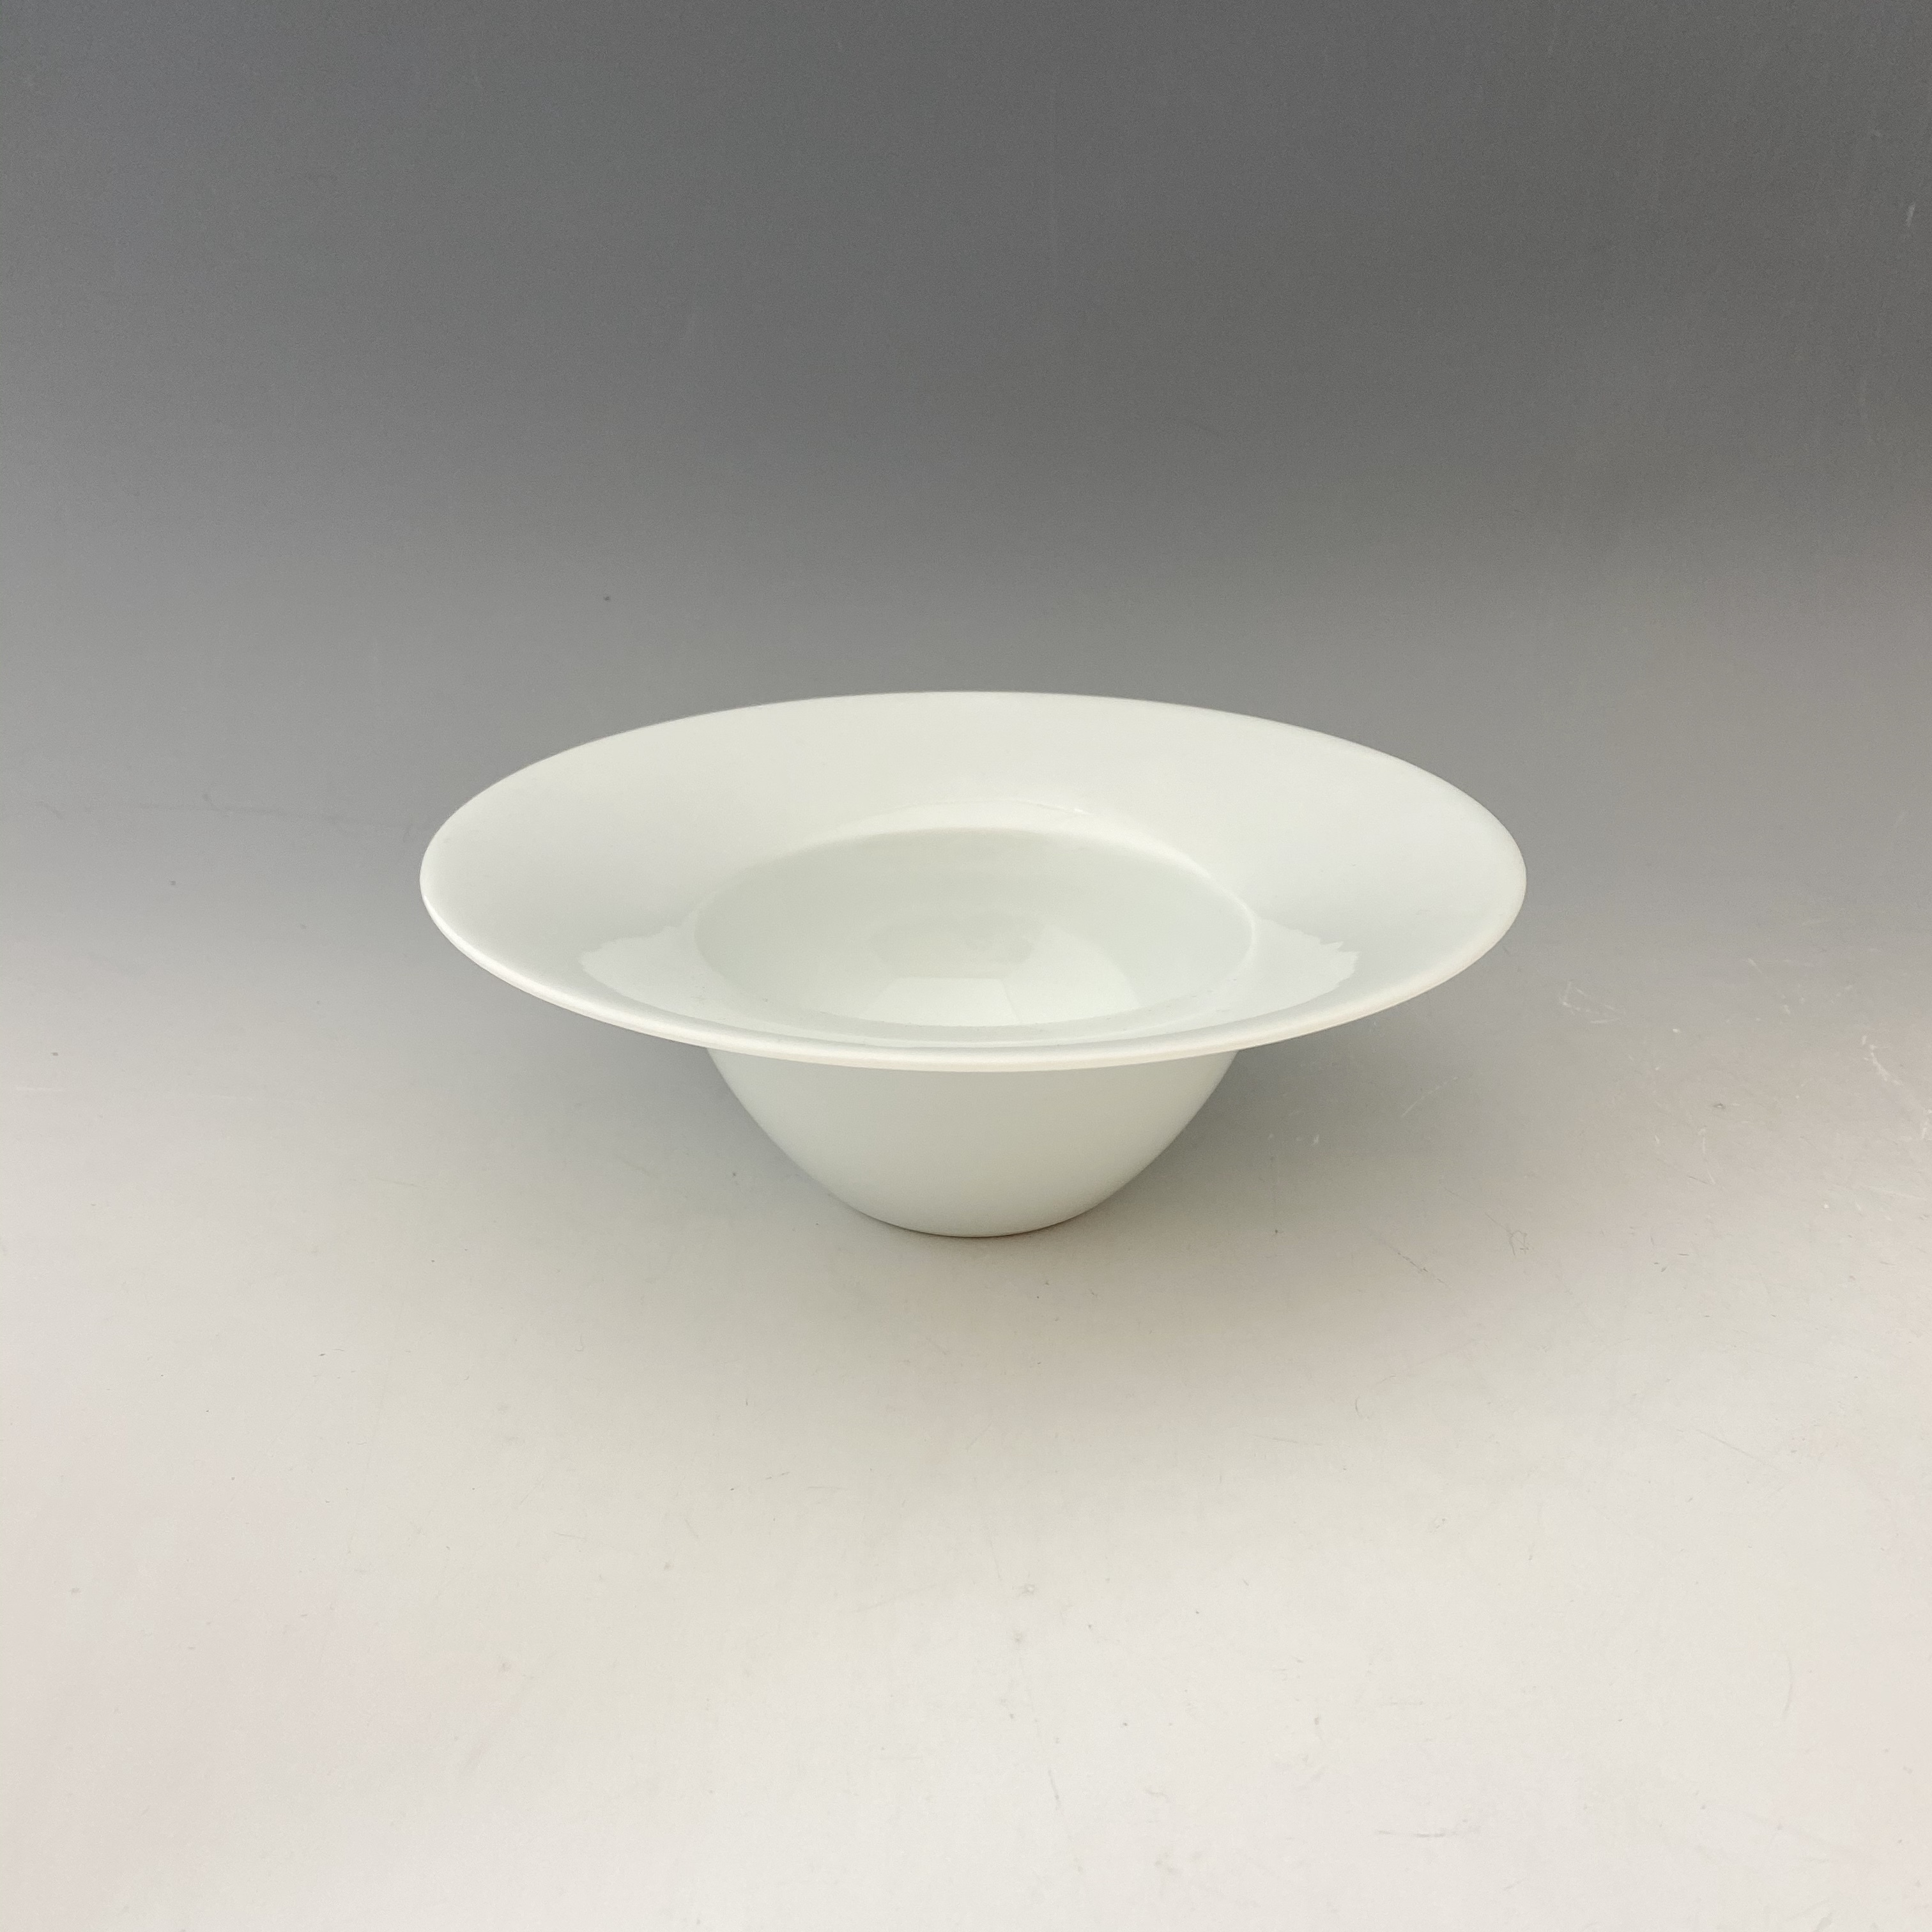 【中尾恭純】白磁スープ碗(小)